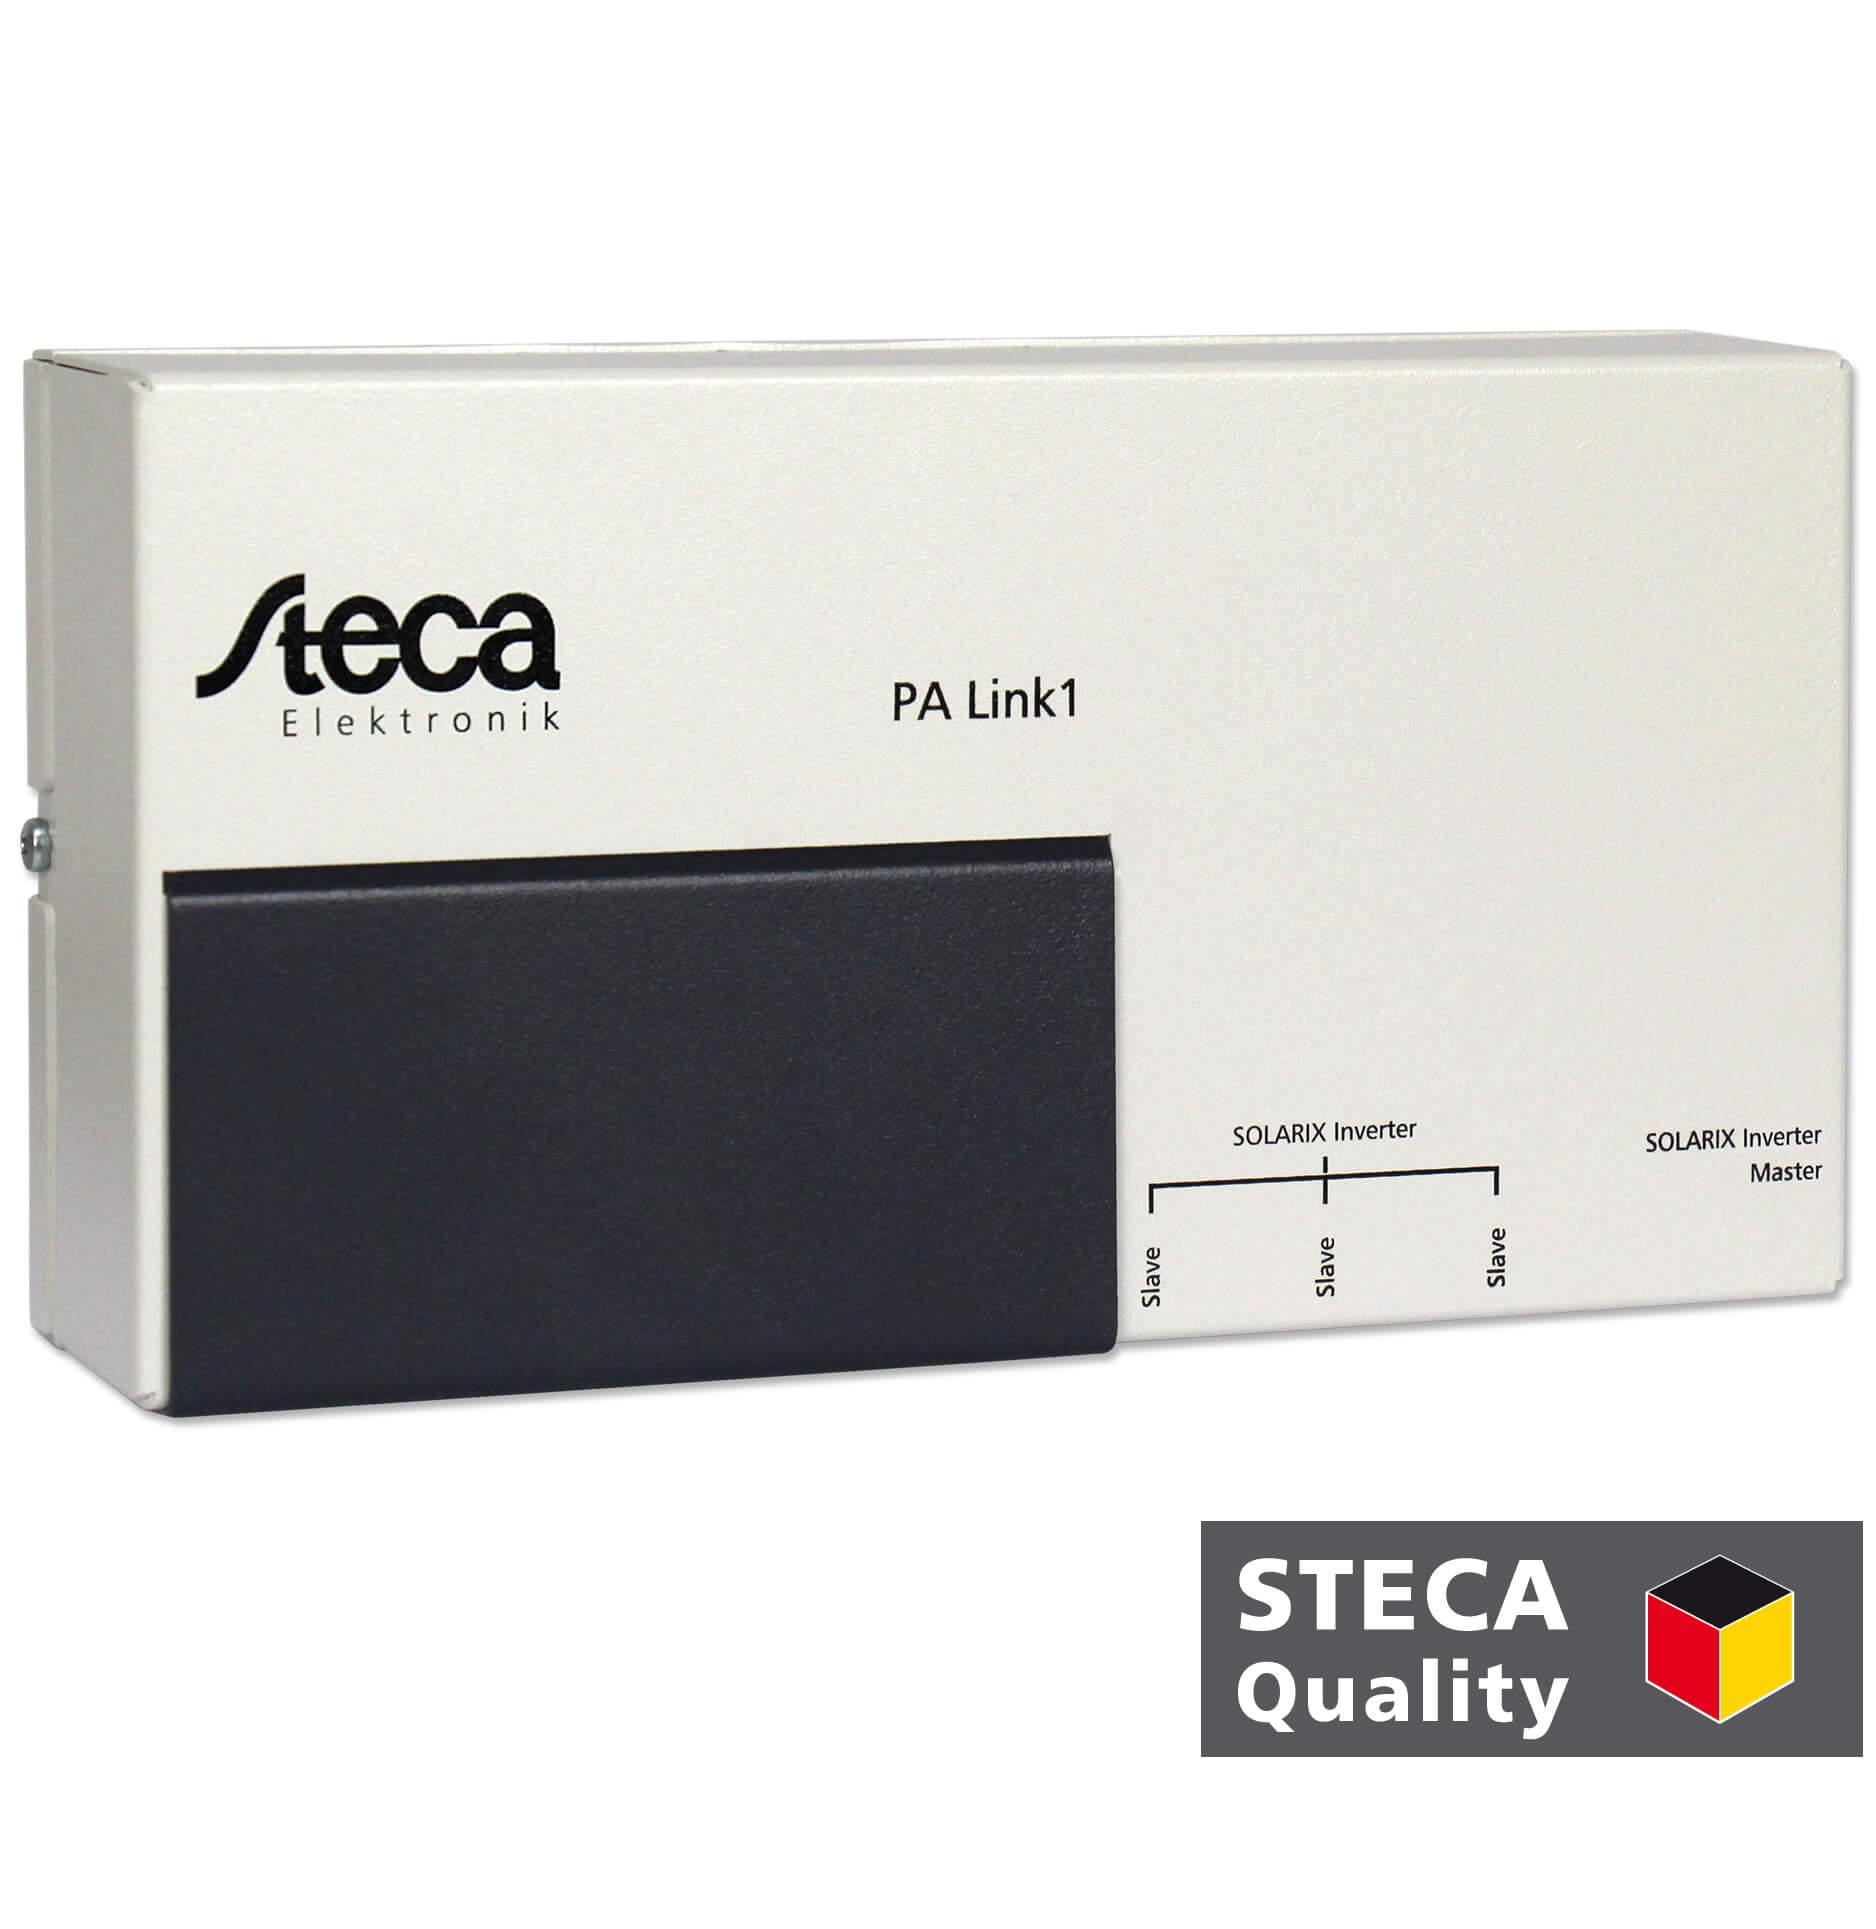 Steca PA Link1 Produktbild Homepage.jpg